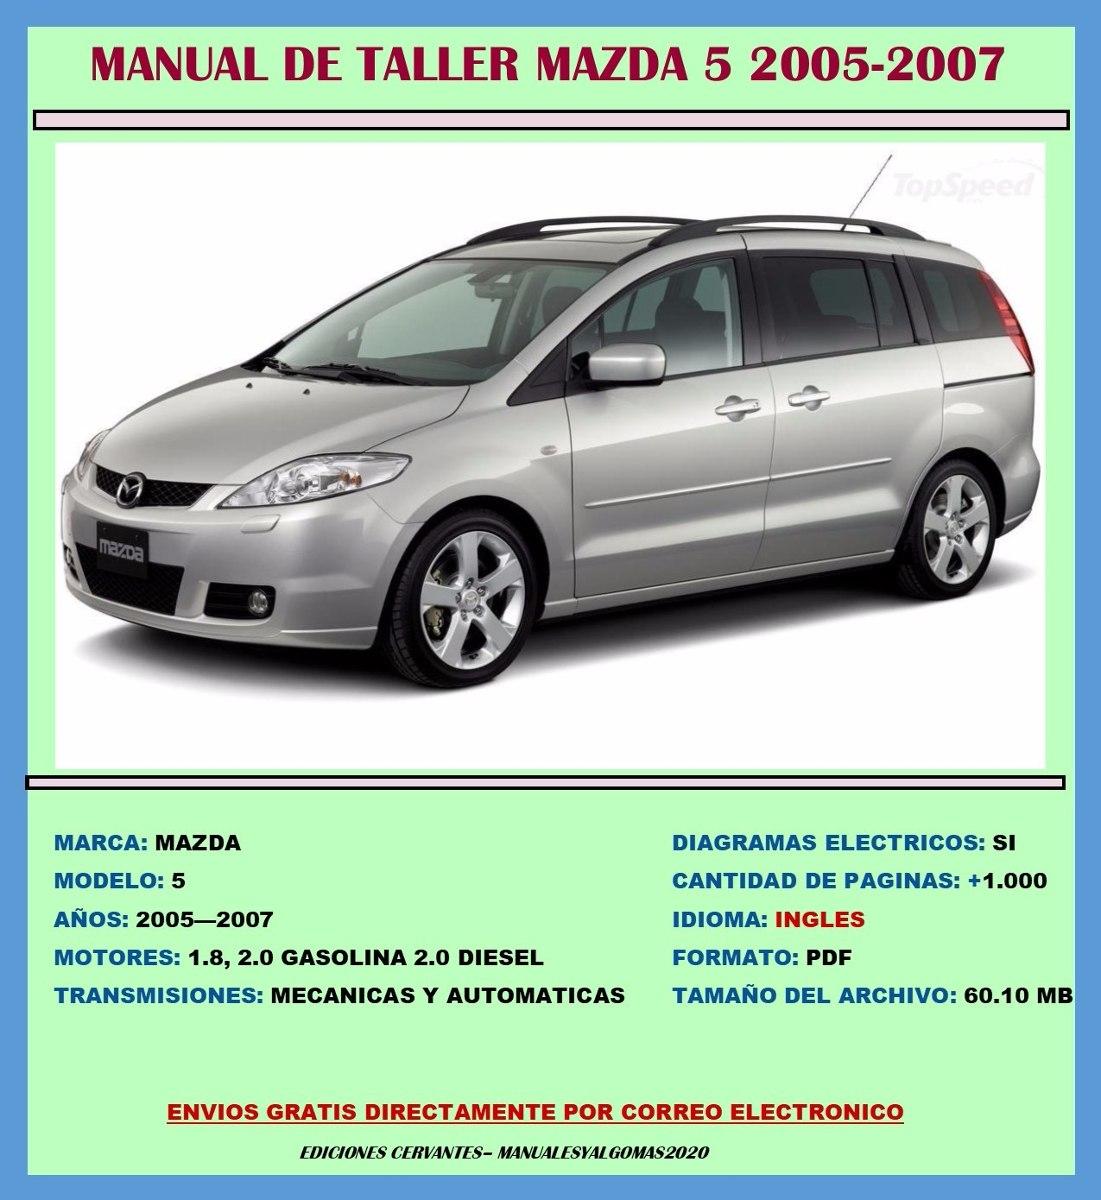 Manual De Taller Reparaci U00f3n Diagramas Mazda 5 2005